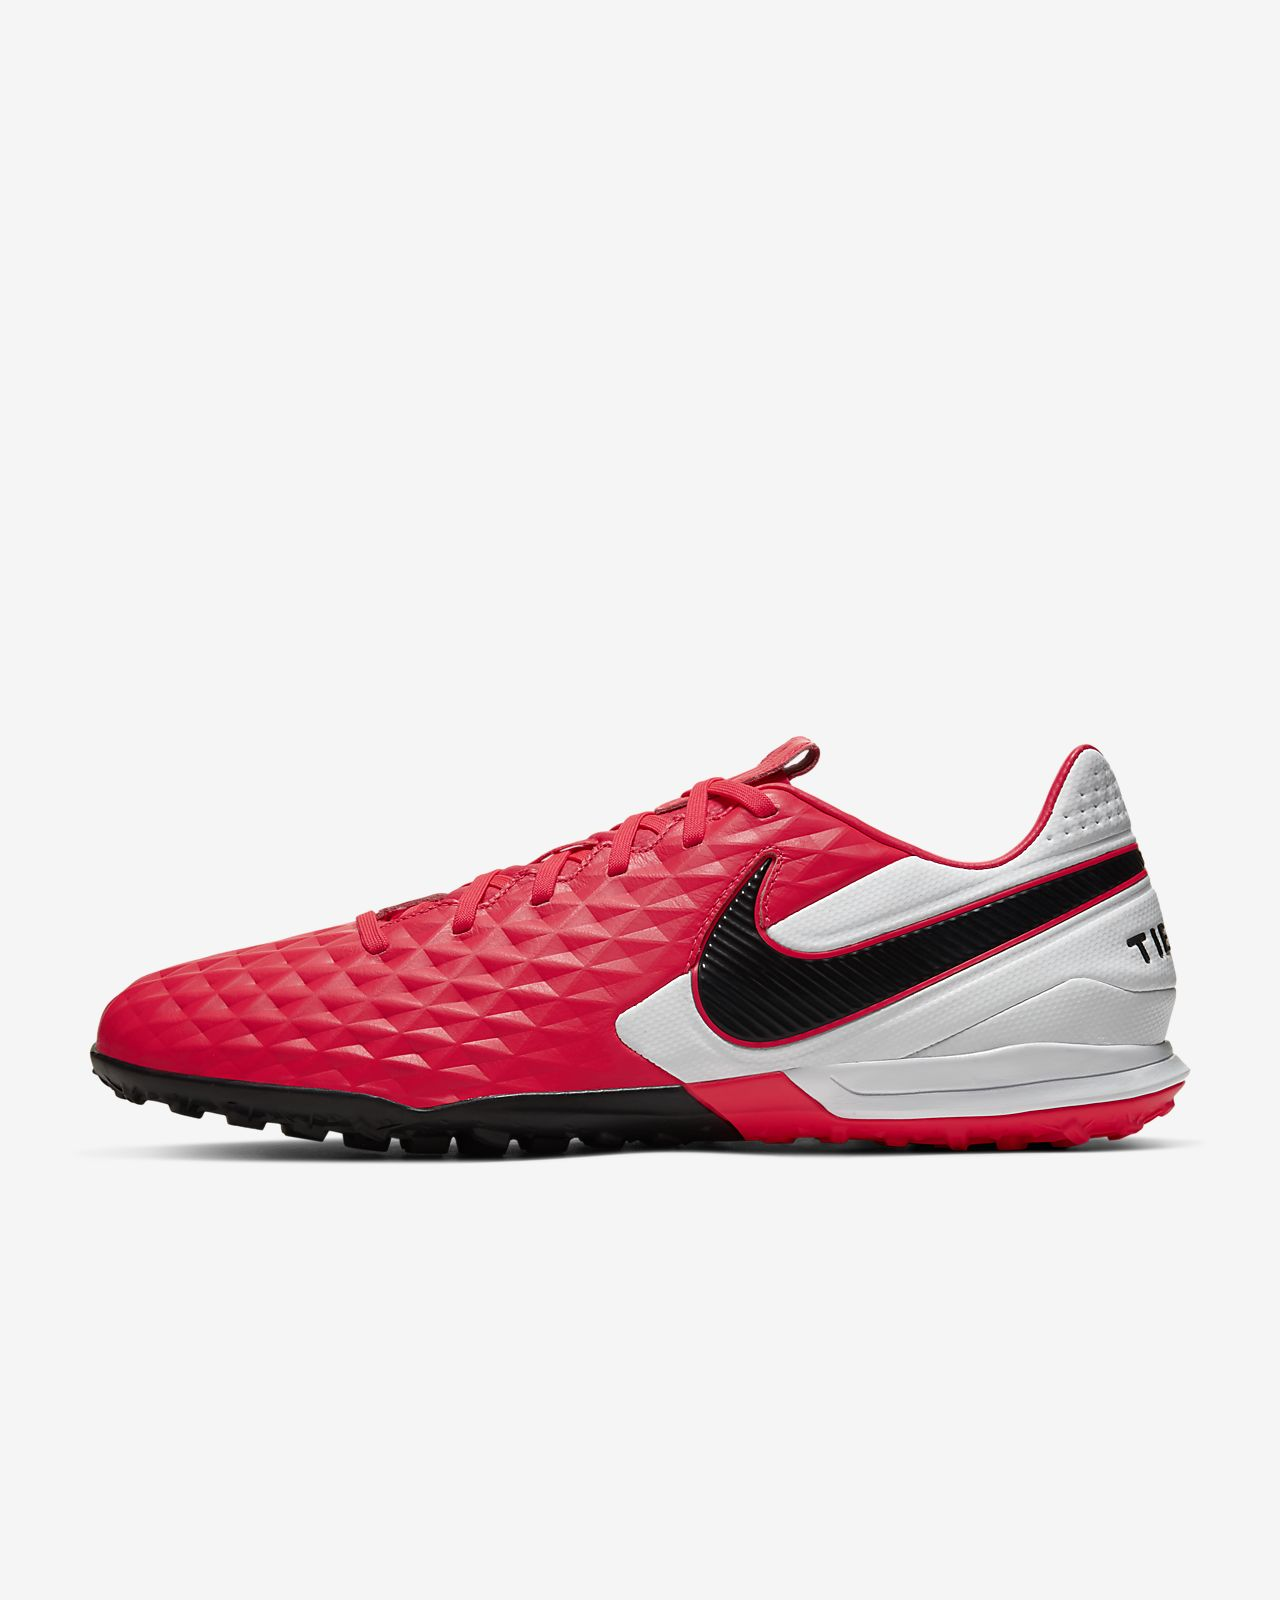 Scarpa da calcio per erba artificialesintetica Nike Tiempo Legend 8 Pro TF